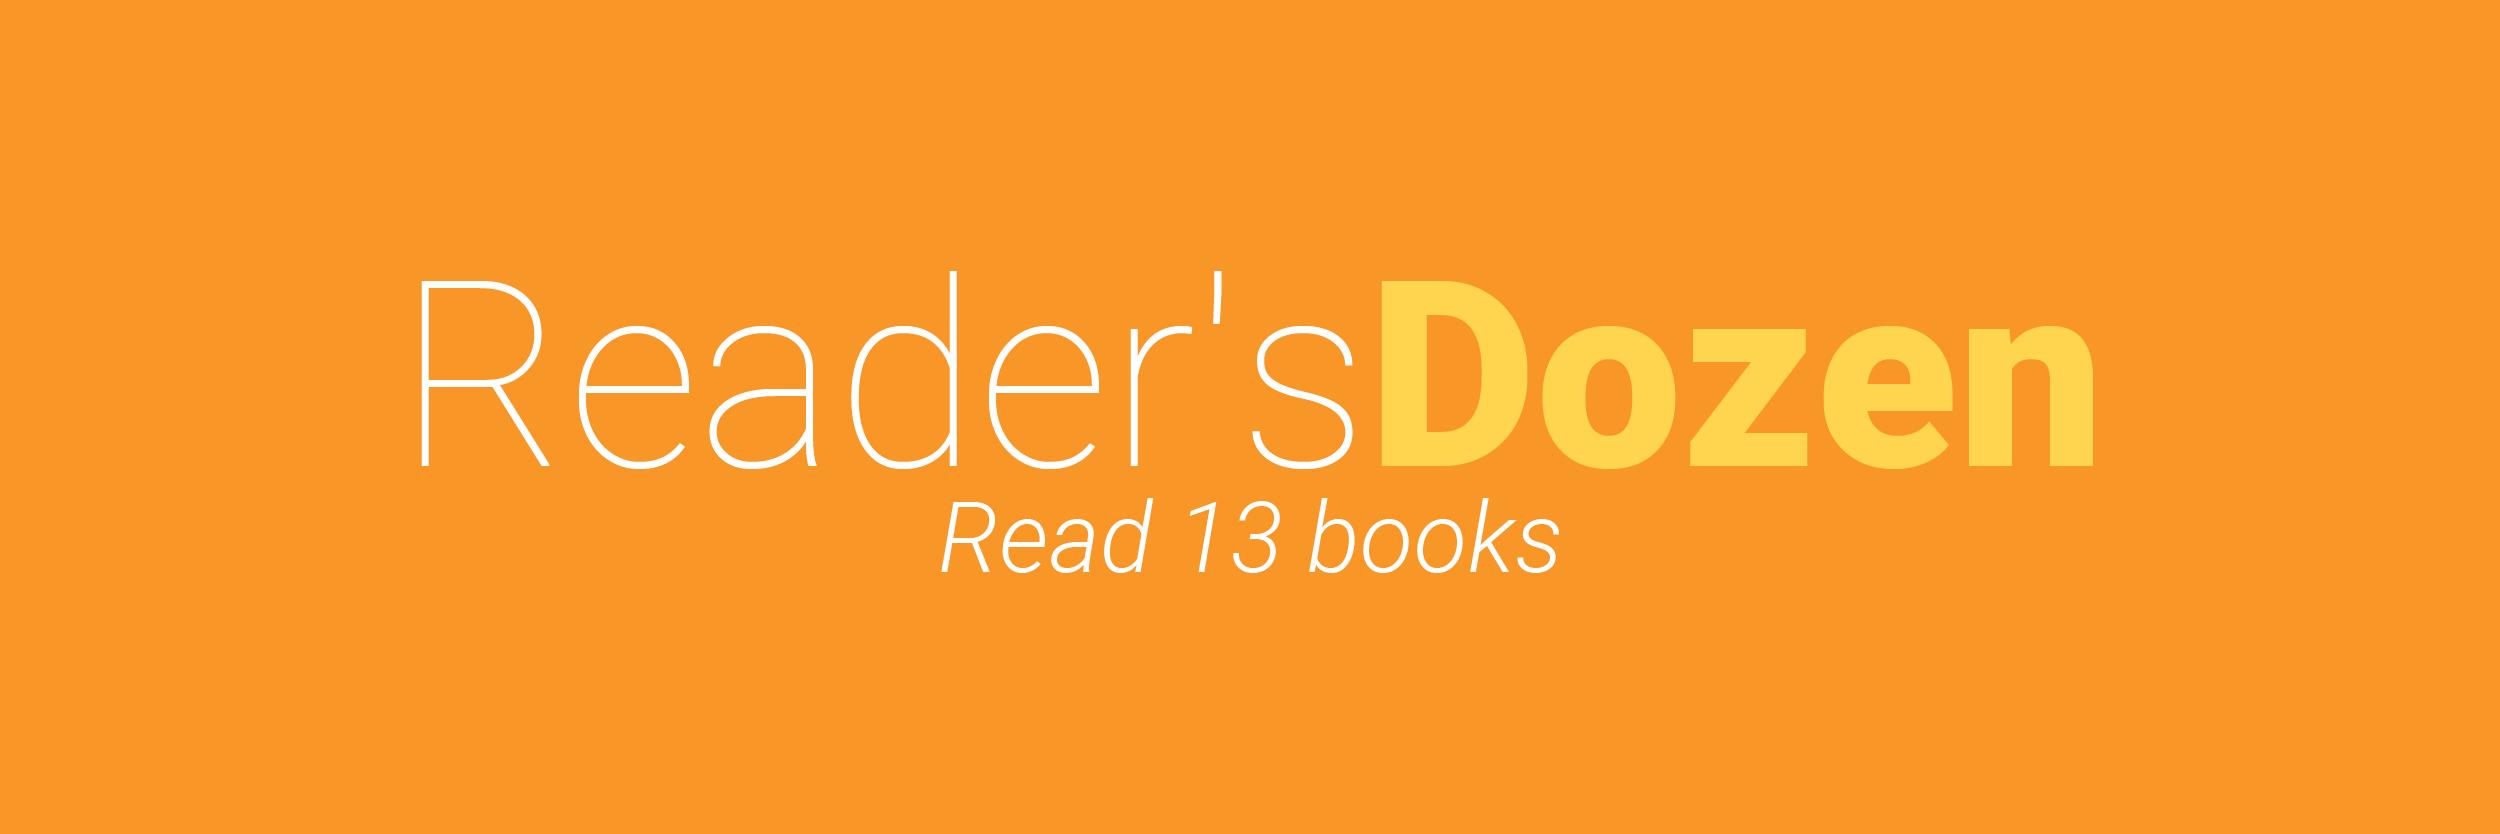 Reader_s Dozen-01